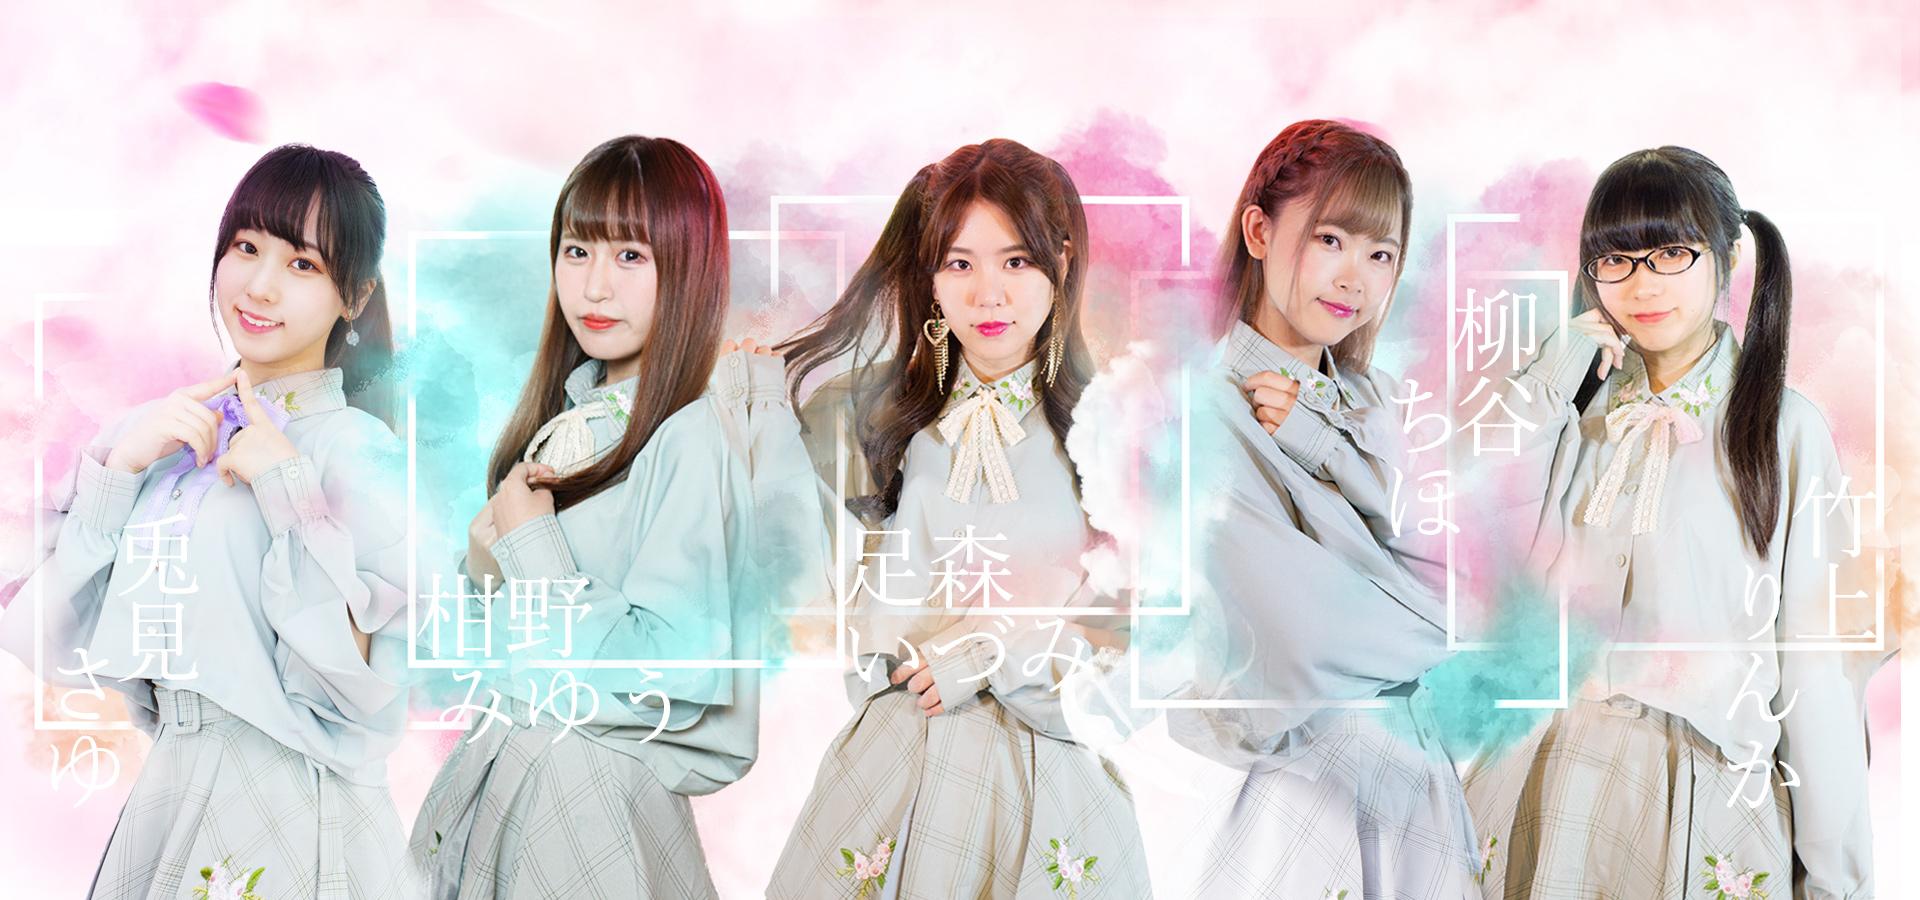 天空音パレード新メンバー募集!!【関西大阪アイドルオーディション】